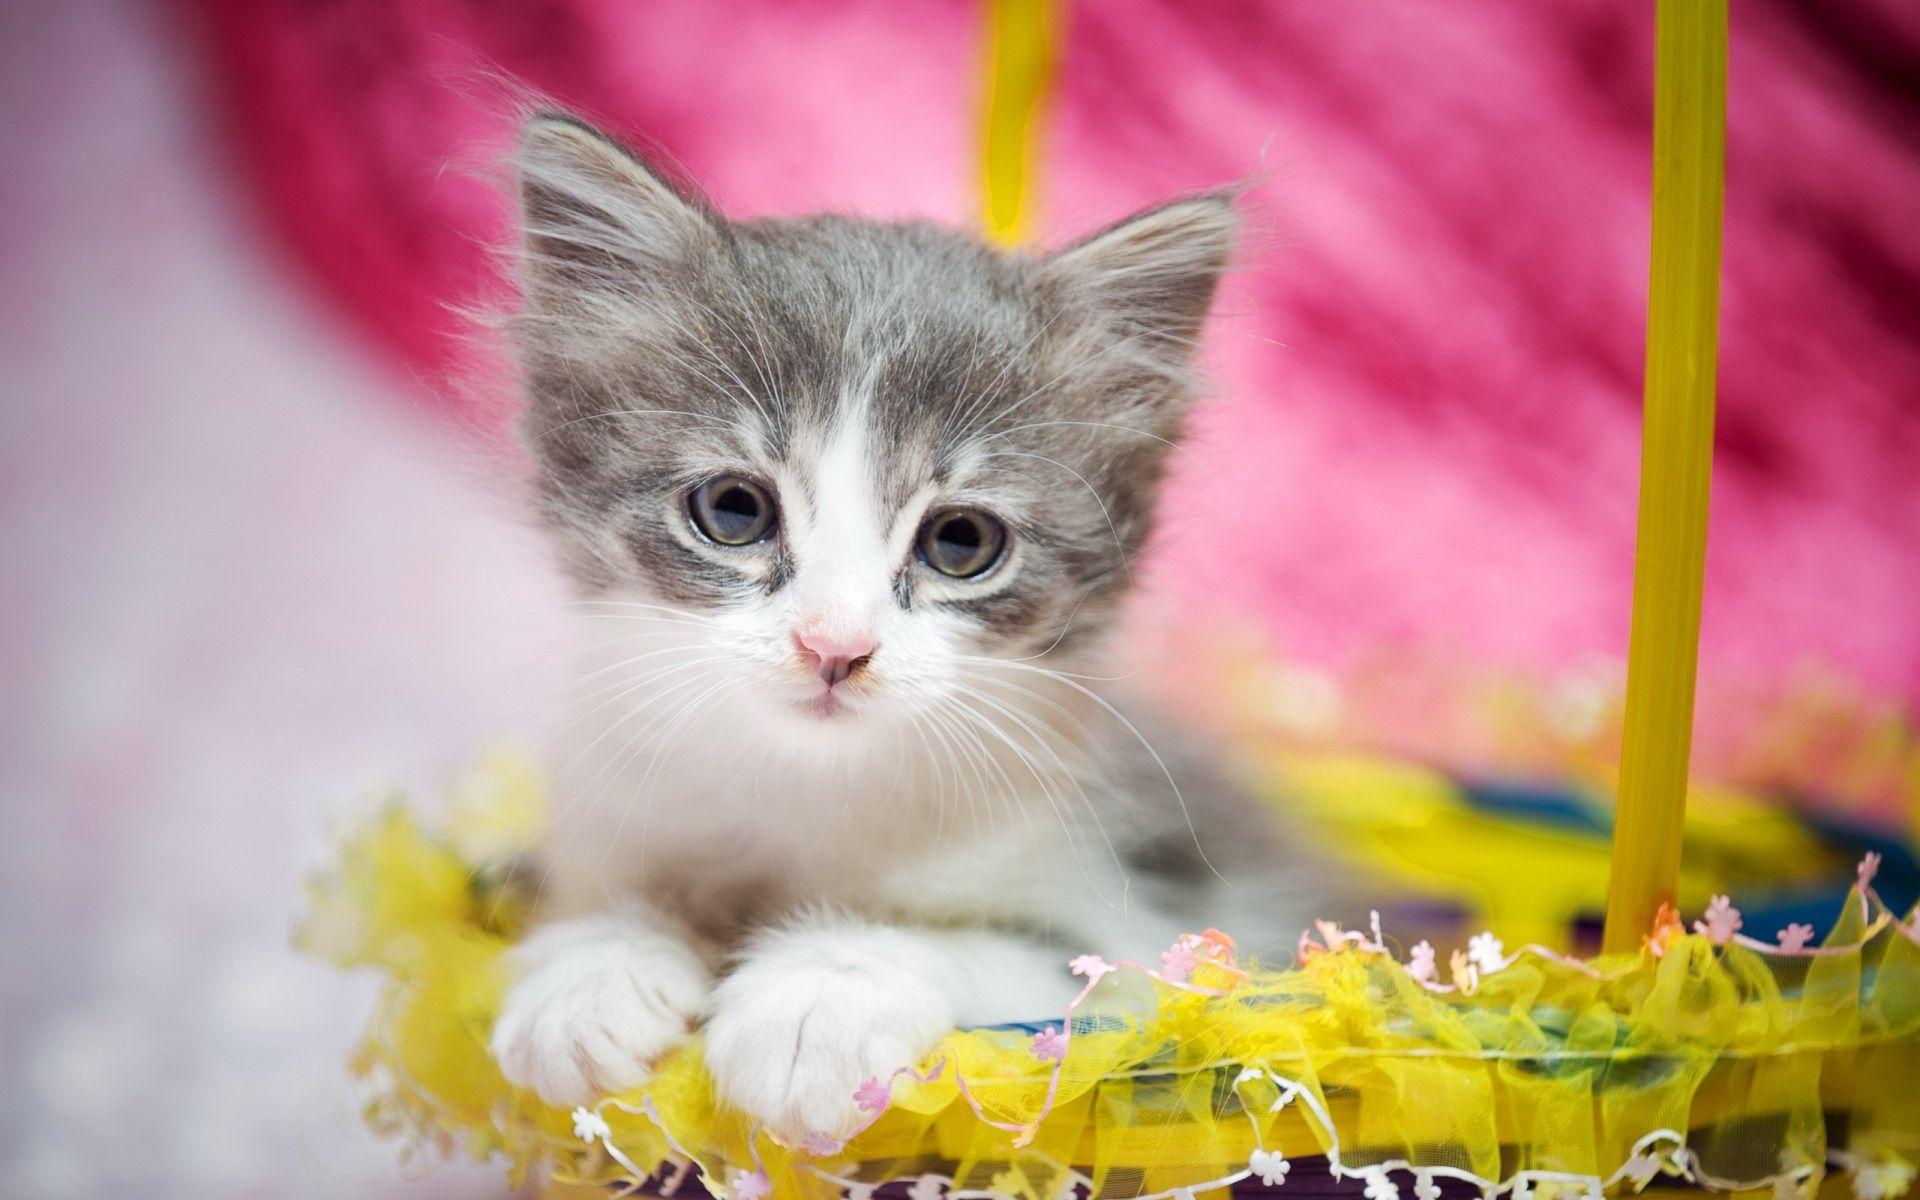 1920x1200 Cute Kitten Desktop Background Hd Wallpaper Kittens